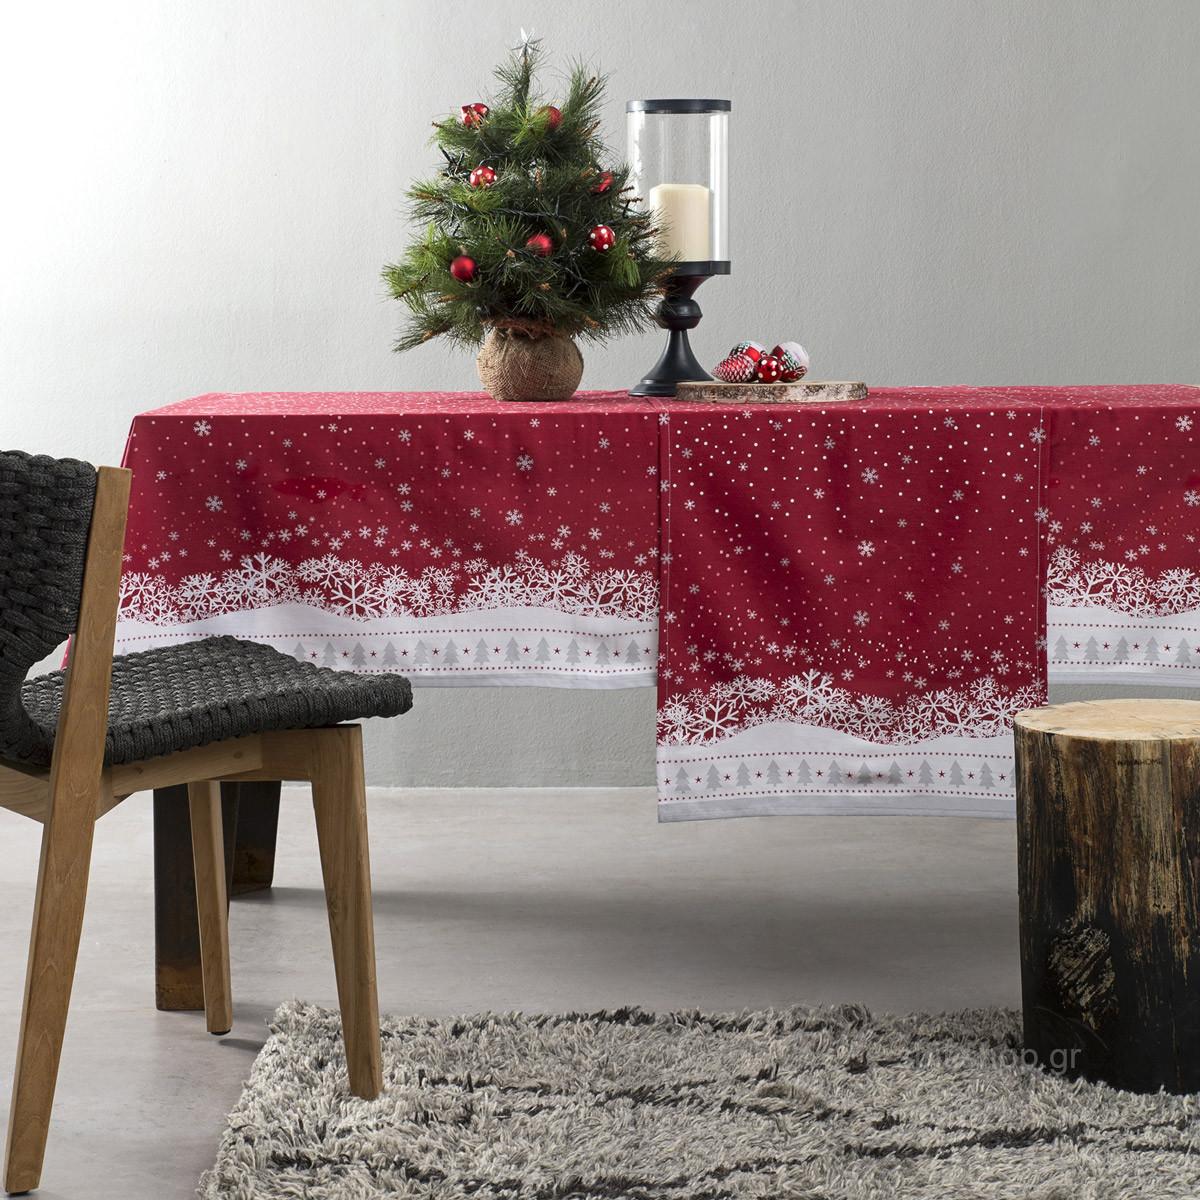 Χριστουγεννιάτικο Τραπεζομάντηλο (150×250) Nima Holly Day